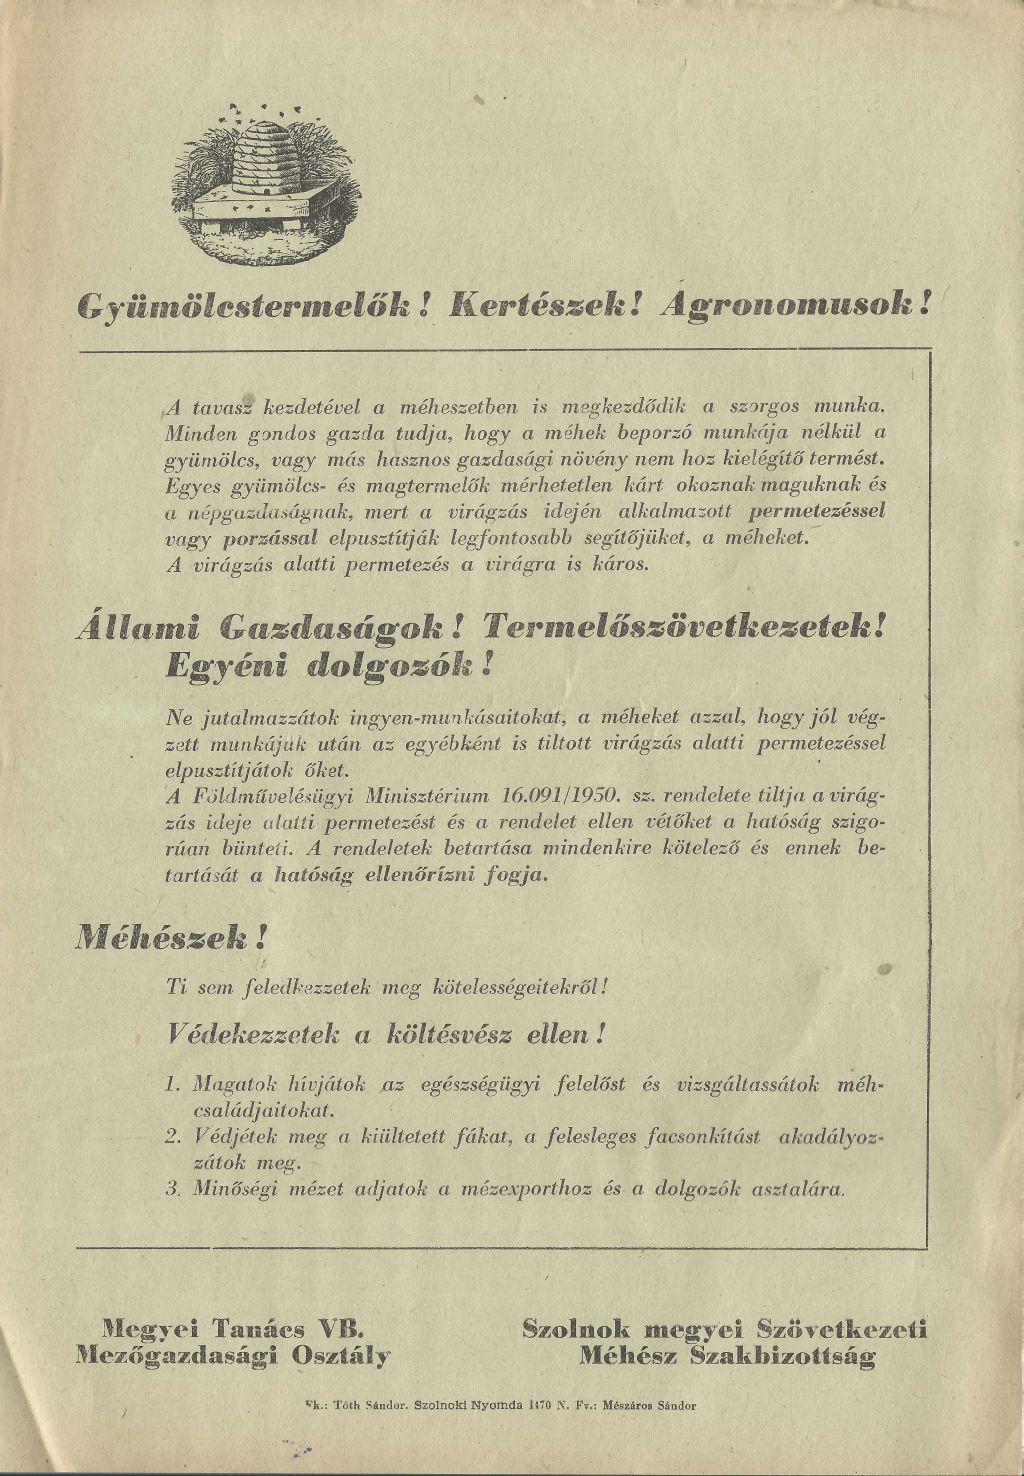 Szolnok megyei szövetkezeti Méhész Szakbizottság és a megyei Tanács VB Mezőgazdasági Osztályának tájékoztatója